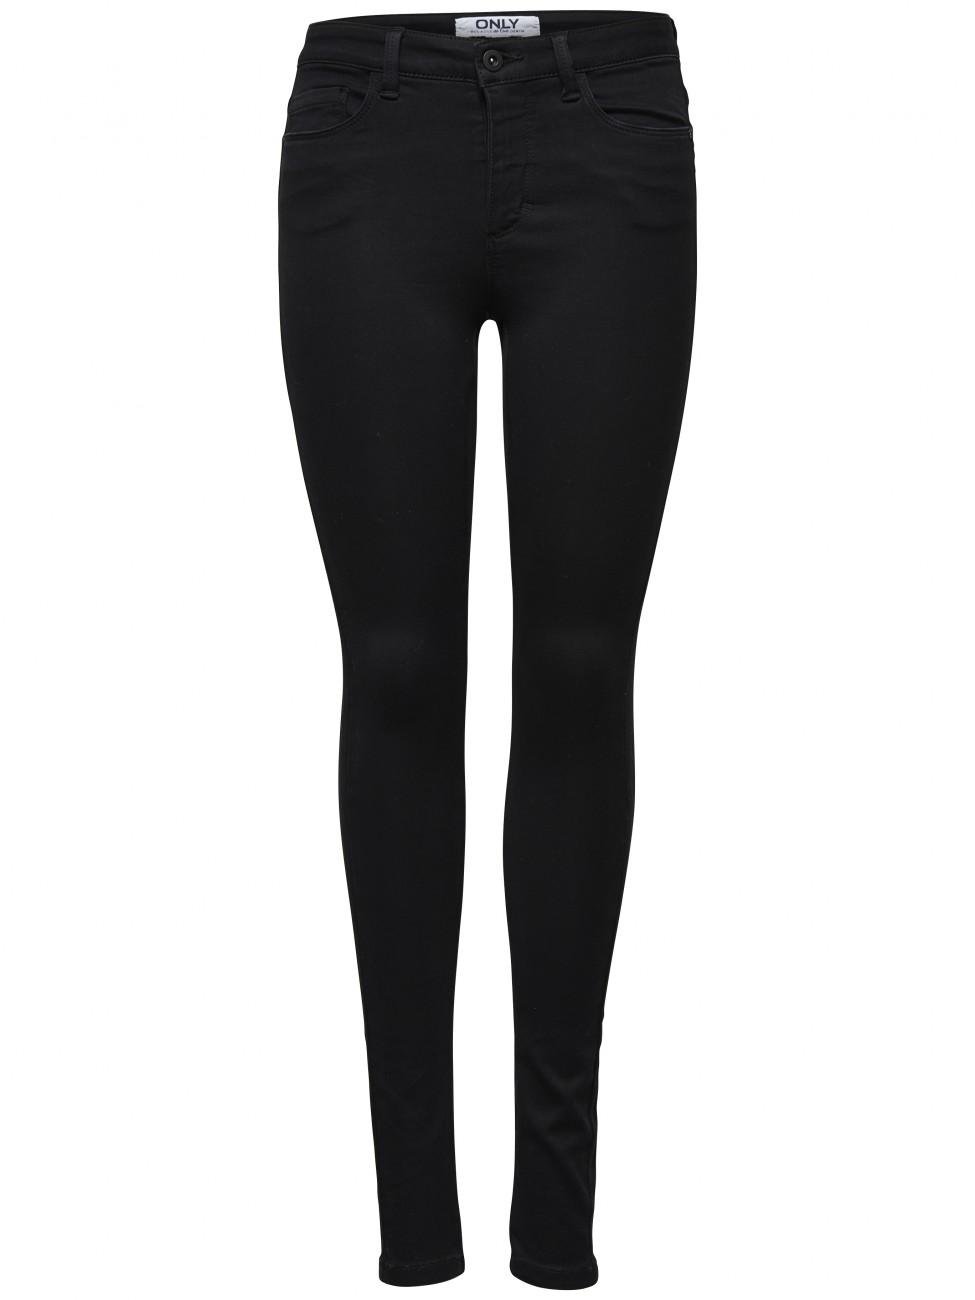 only damen jeans royal skinny fit black kaufen jeans. Black Bedroom Furniture Sets. Home Design Ideas